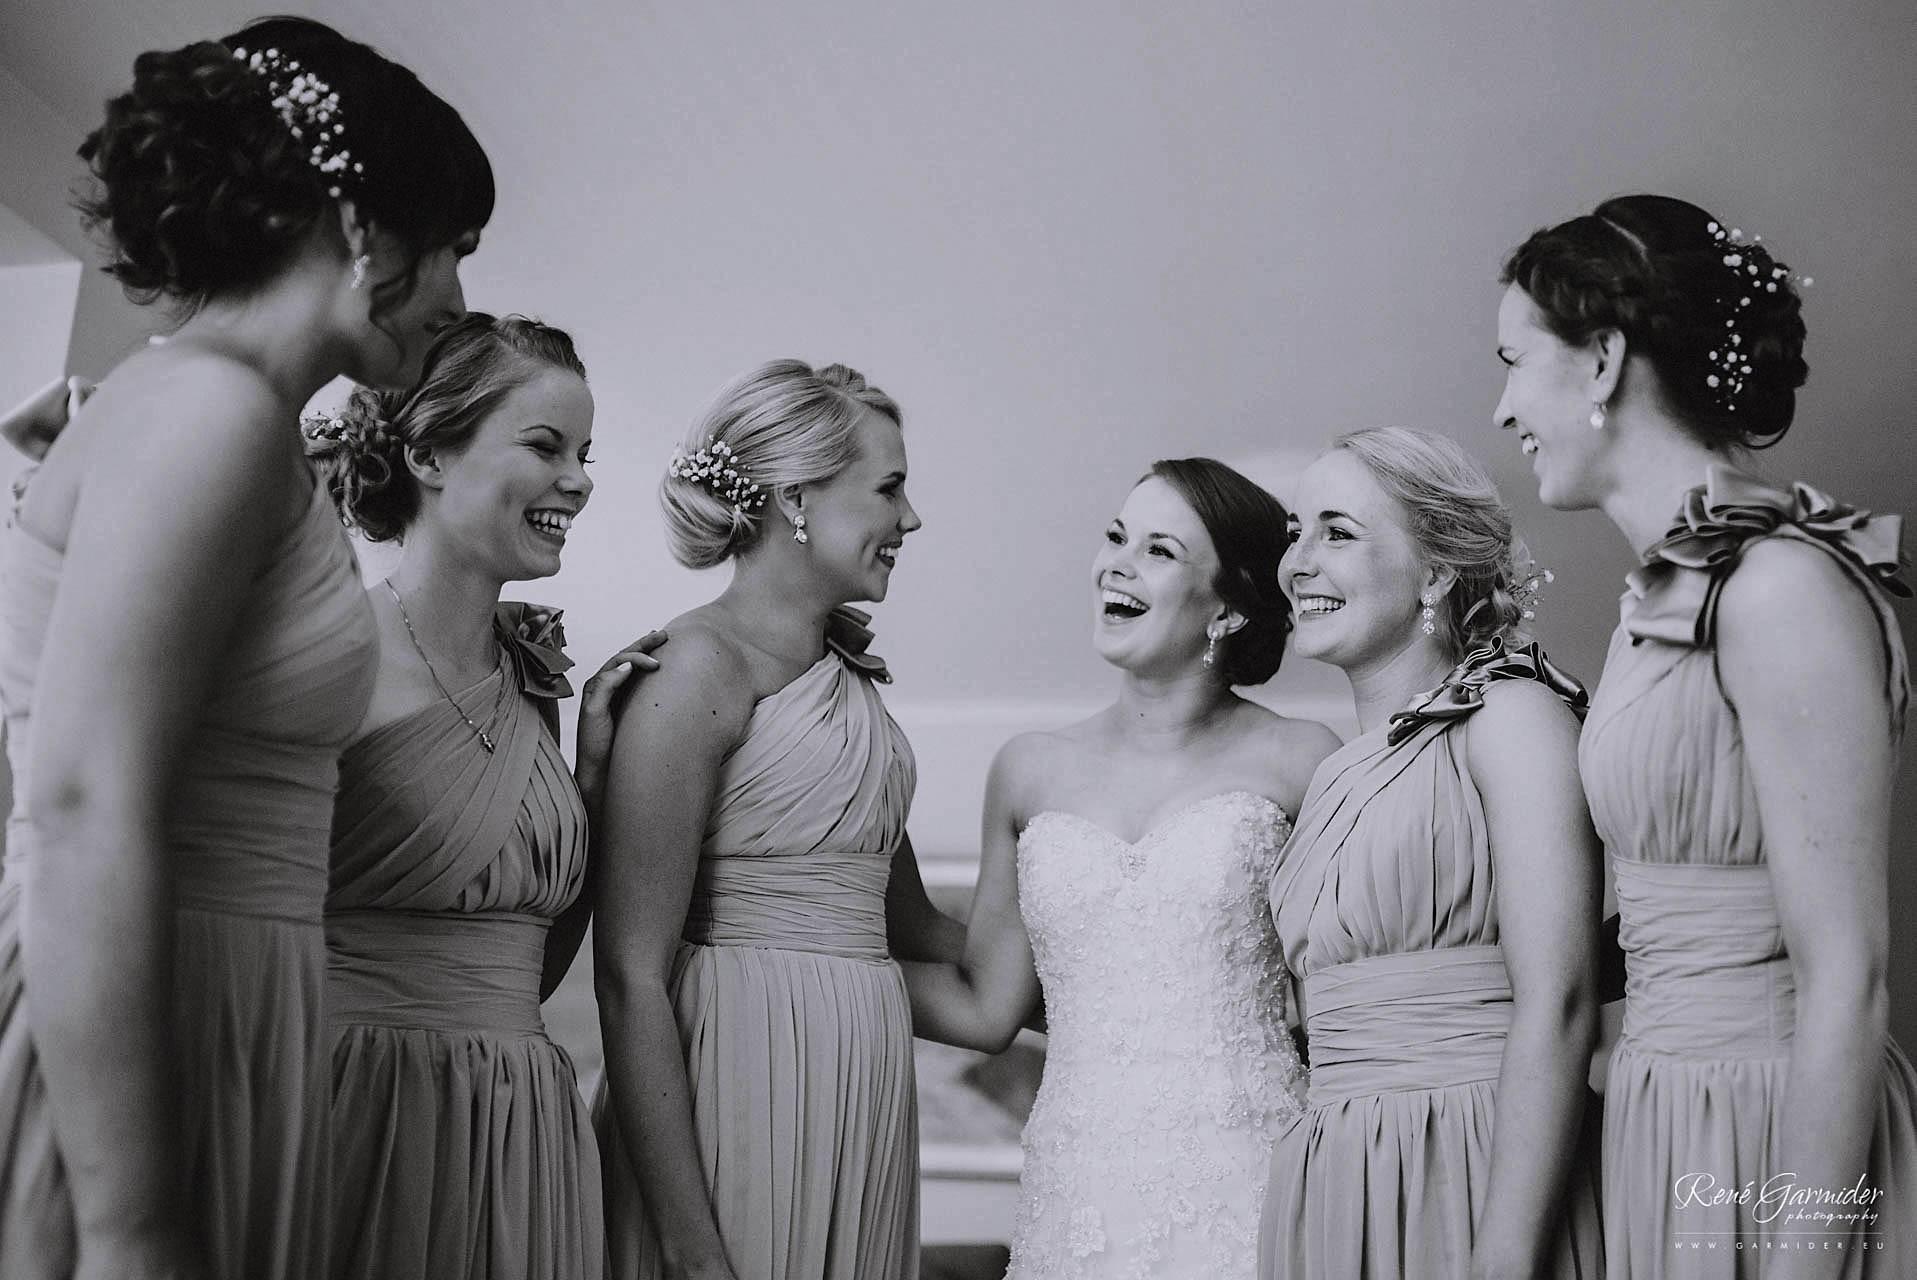 destination-wedding-photography-finland-miljookuvaus-haakuvaus-haakuvaaja-leena-juri-15